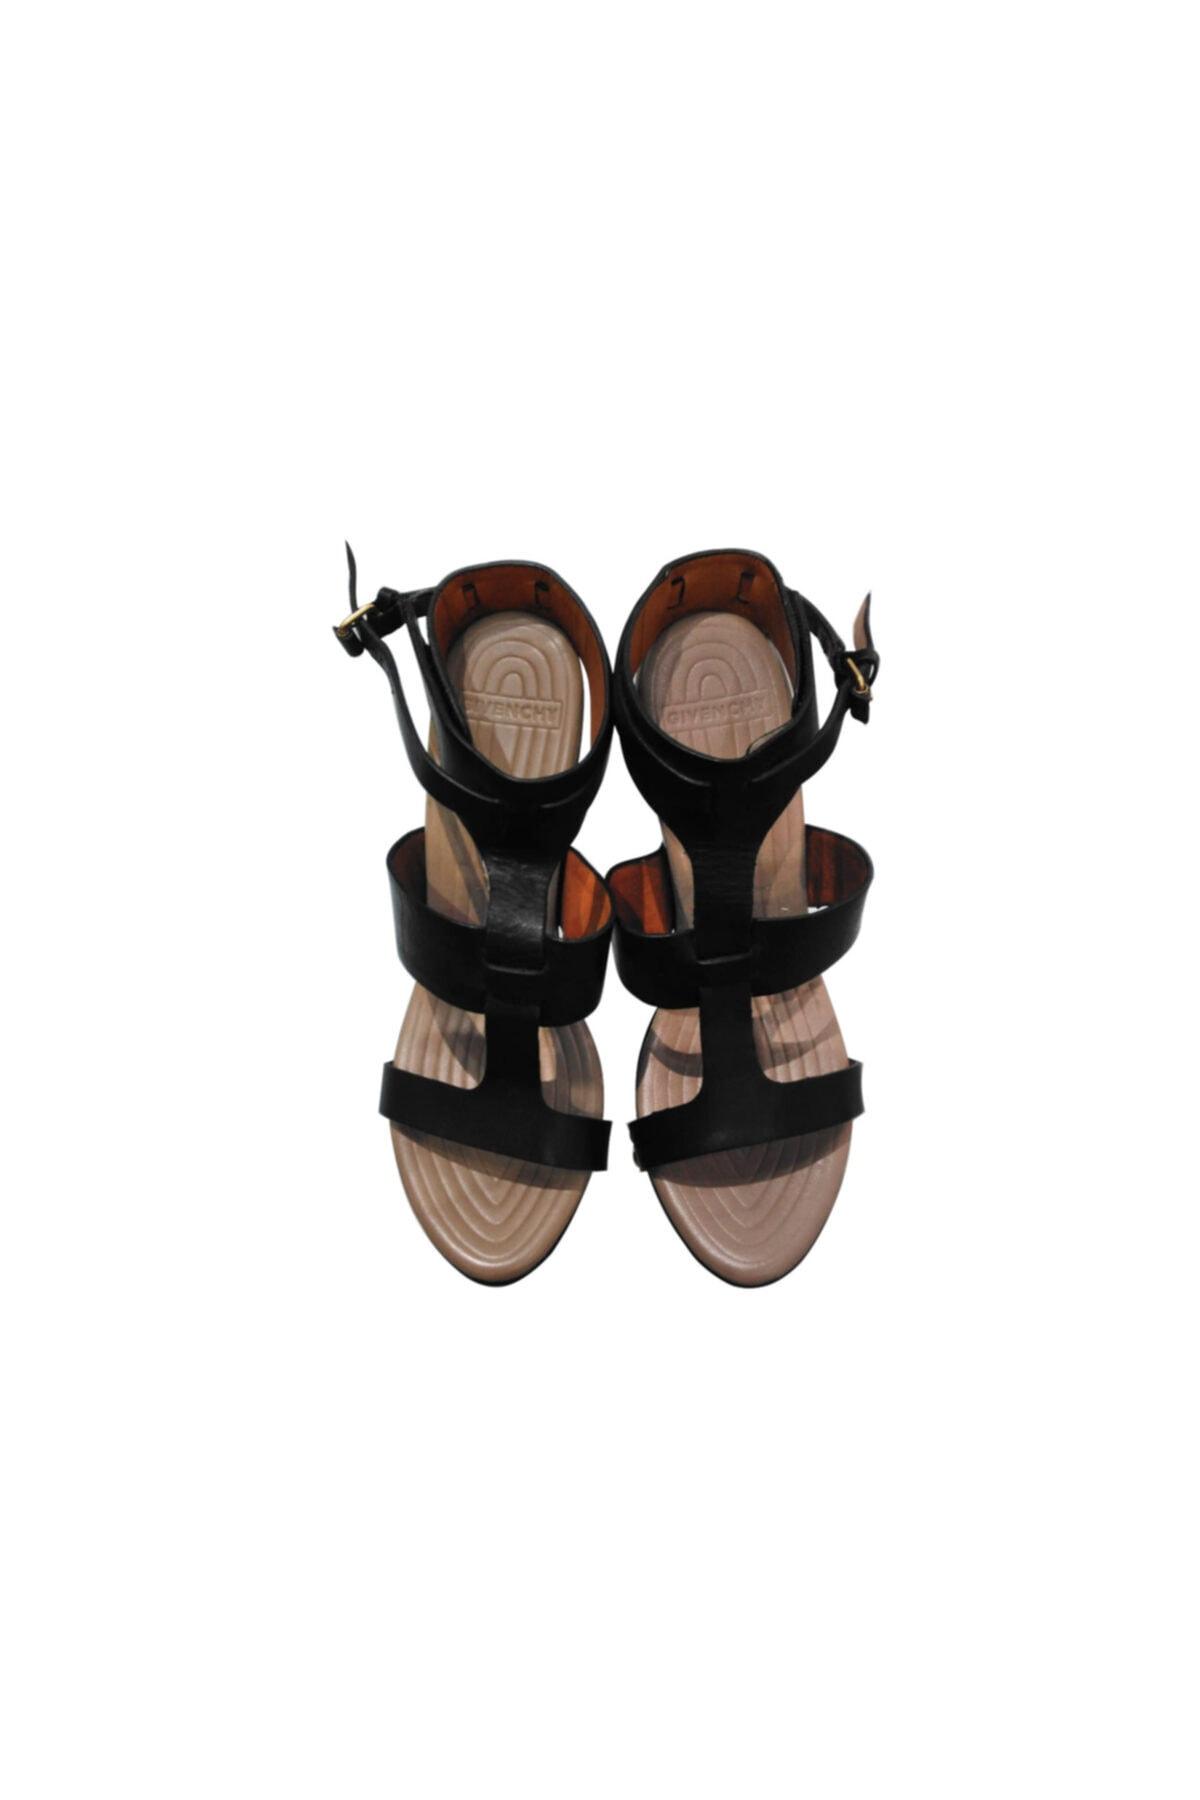 Givenchy Kadın Topuklu Sandalet Siyah 515822 2